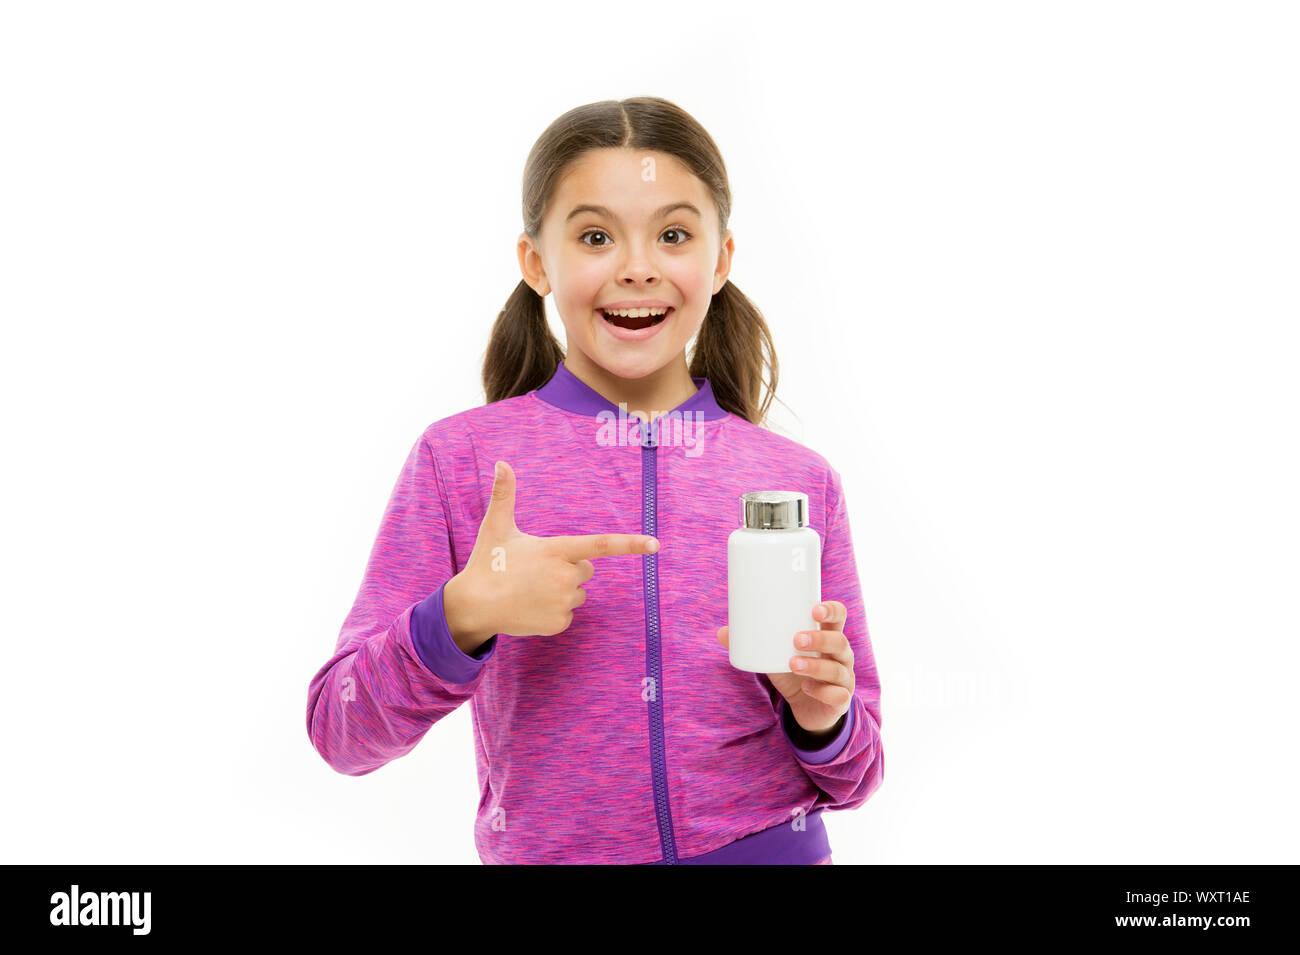 Fille enfant prendre des médicaments. Besoin de suppléments vitaminiques. Enzymes pour une meilleure digestion. Pour une flore digestive. Complément alimentaire pour les enfants. Prendre des suppléments de vitamine. La vitamine et medicine concept. Banque D'Images